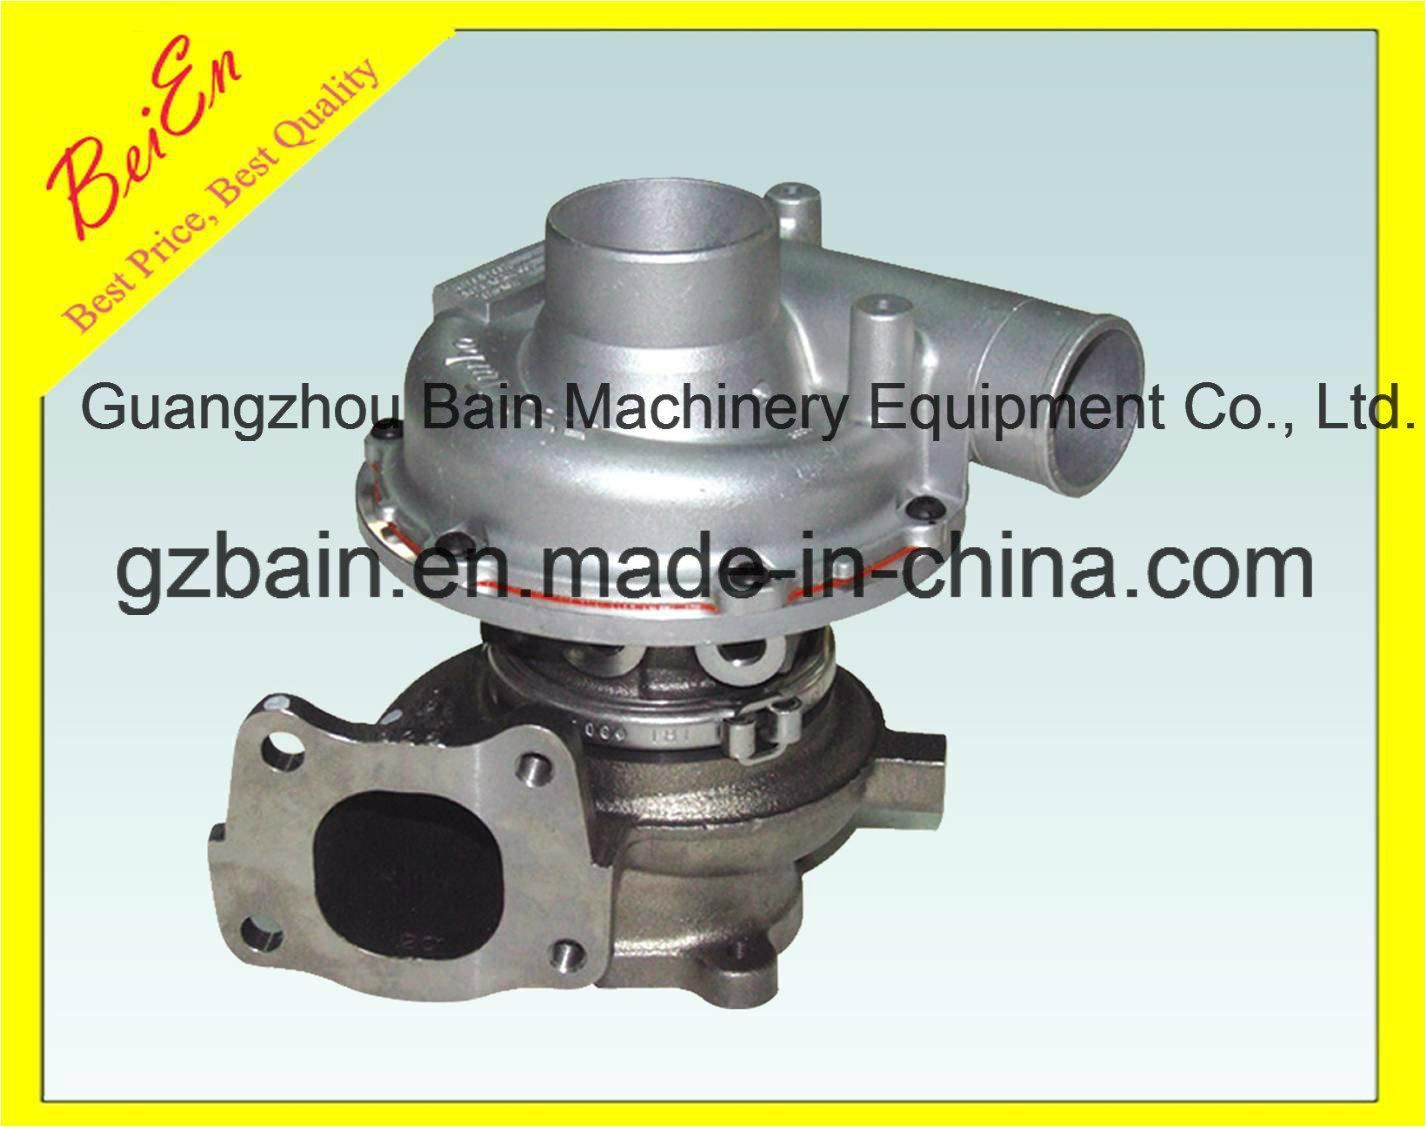 Original Ihi Turbocharger for Excavator Engine 6HK1 (Part Number: 1-14400426-1)